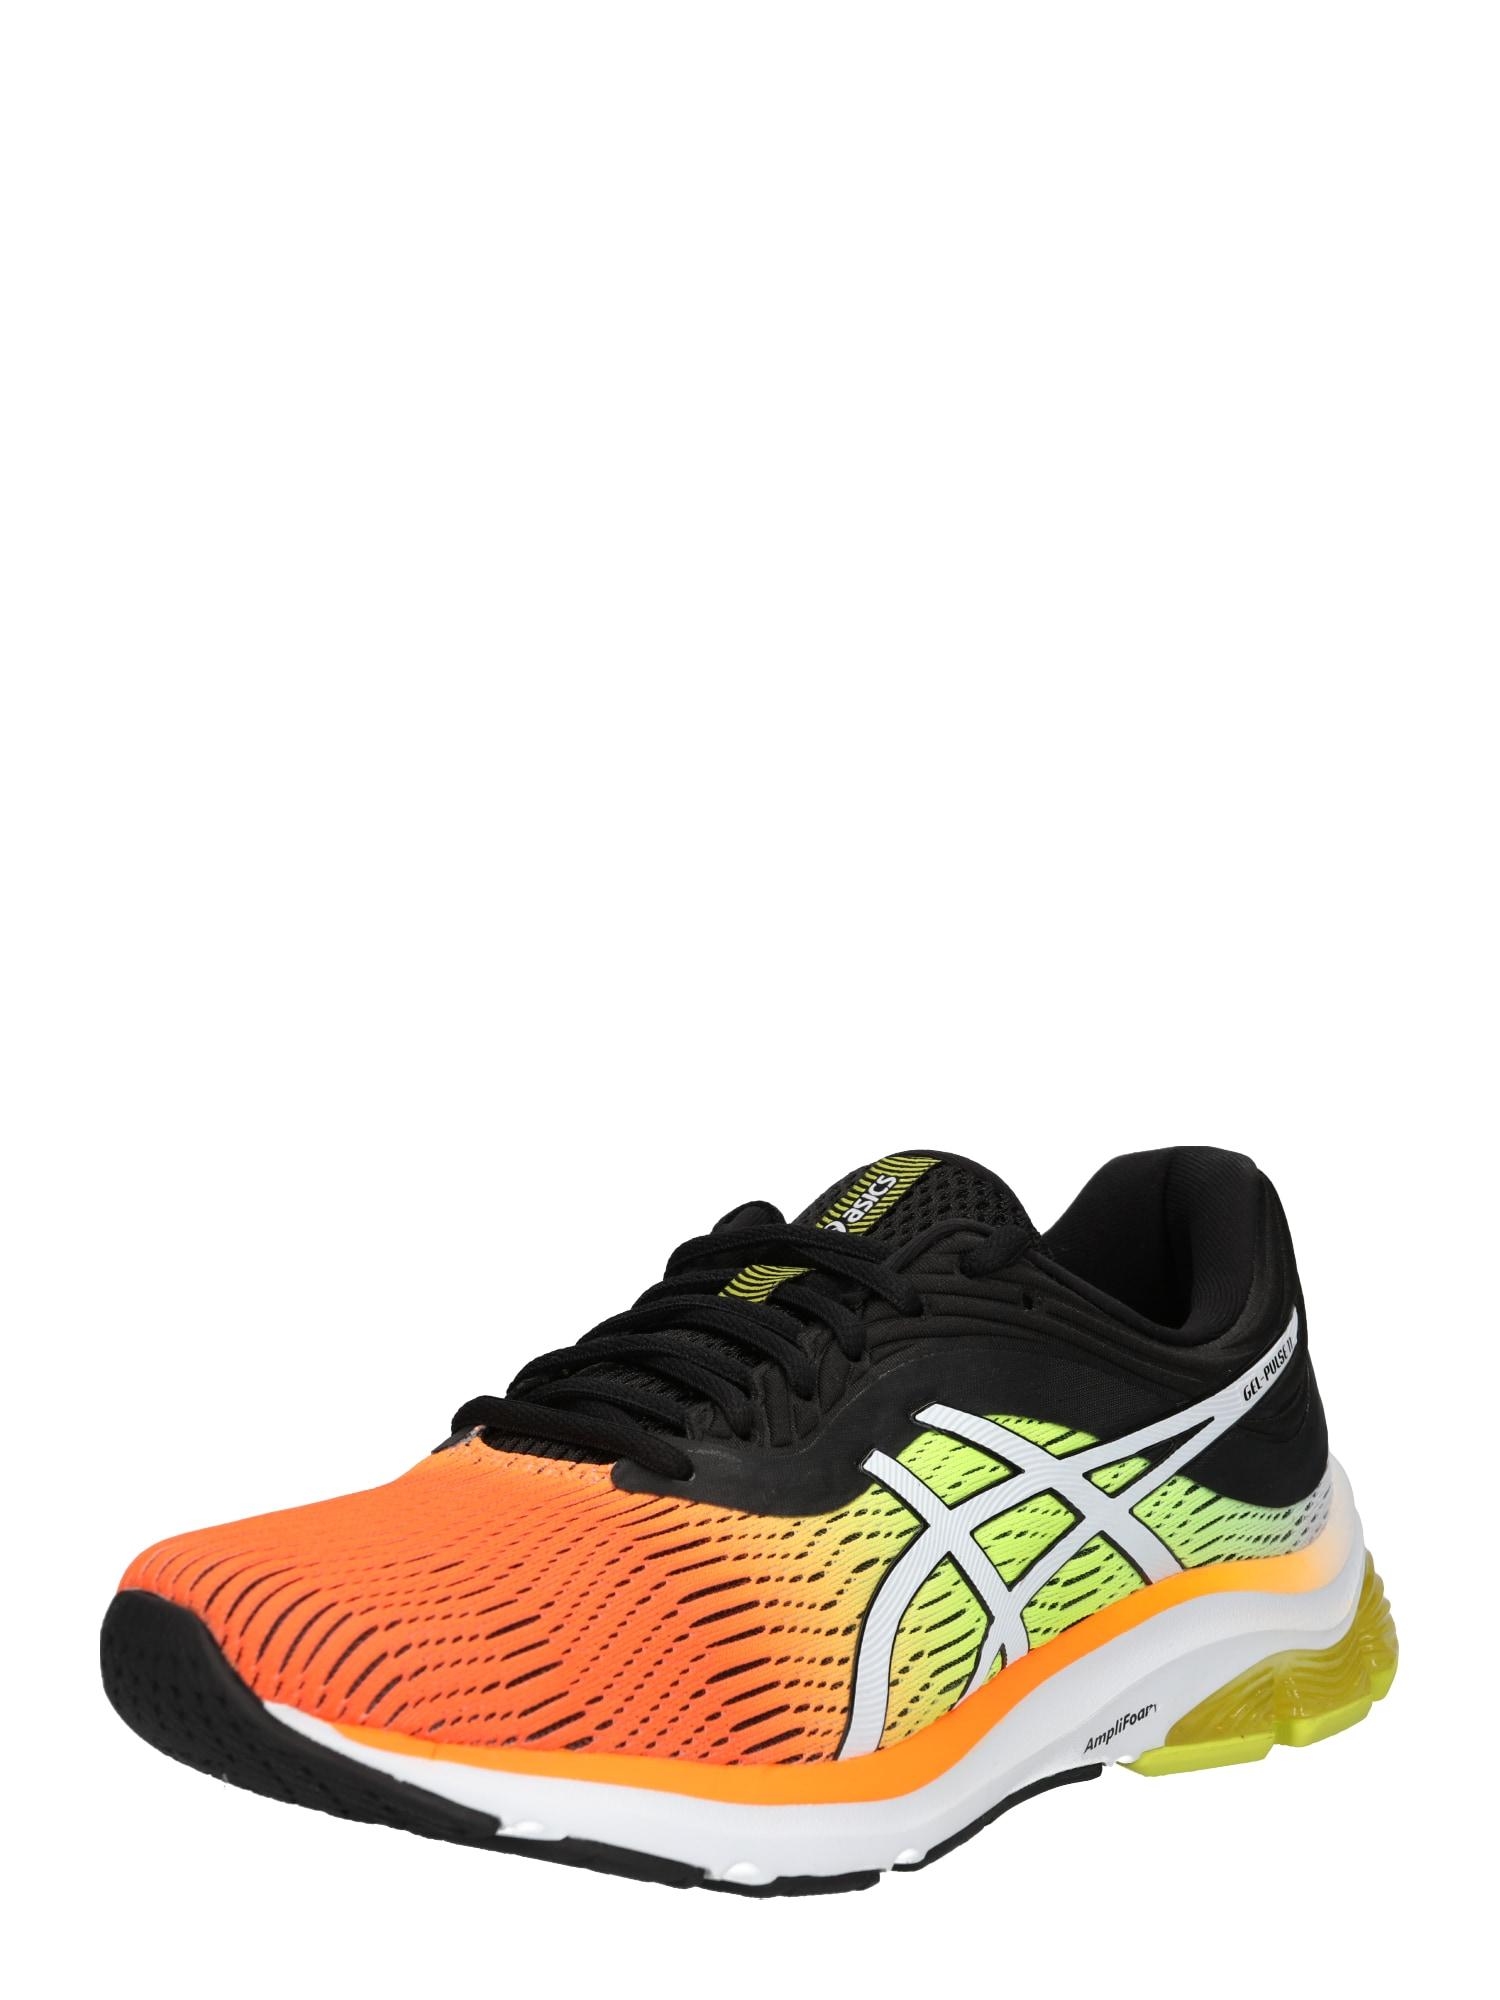 Běžecká obuv Gel-Pulse 11 žlutá oranžová černá ASICS